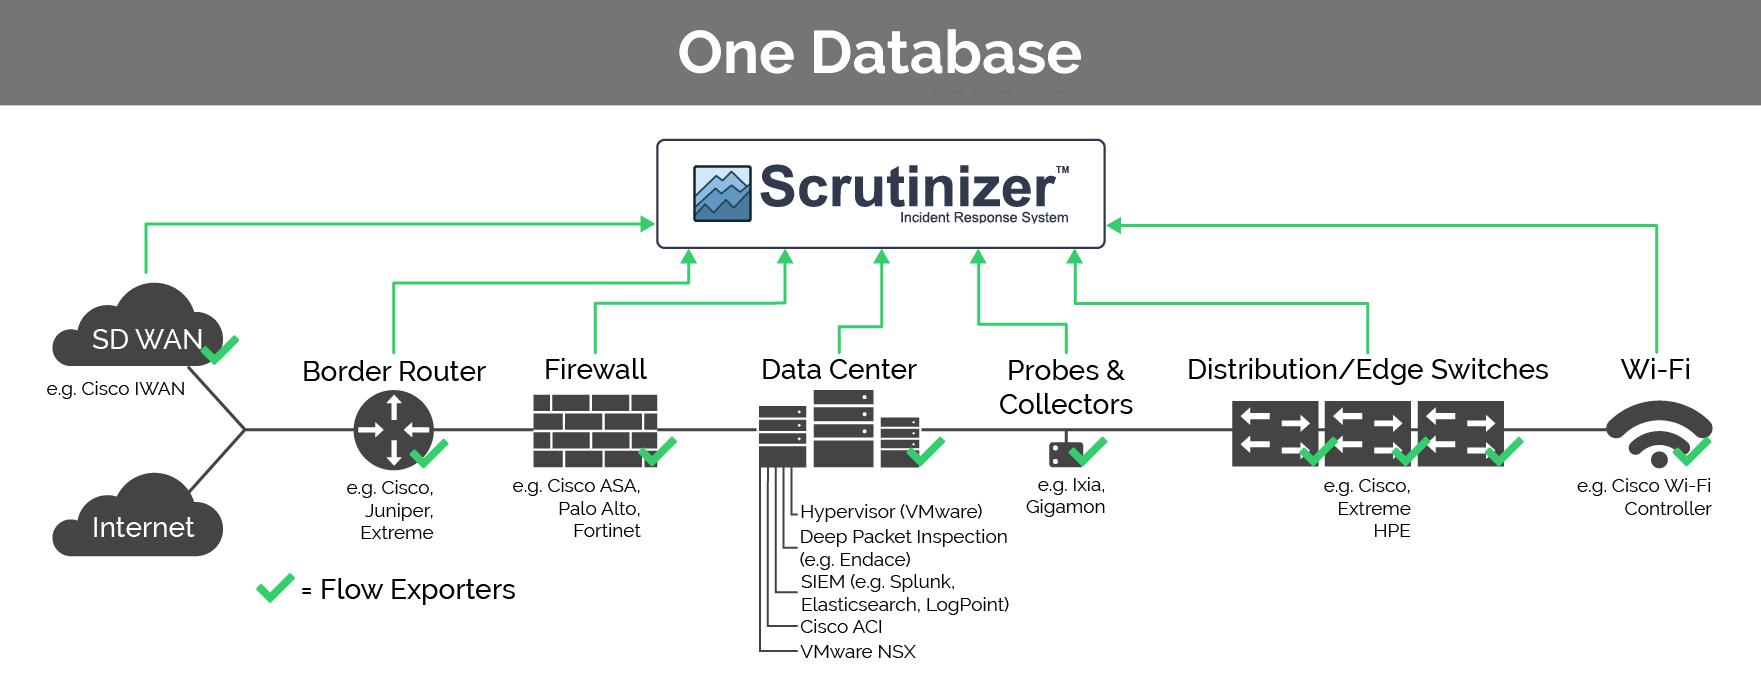 One Database